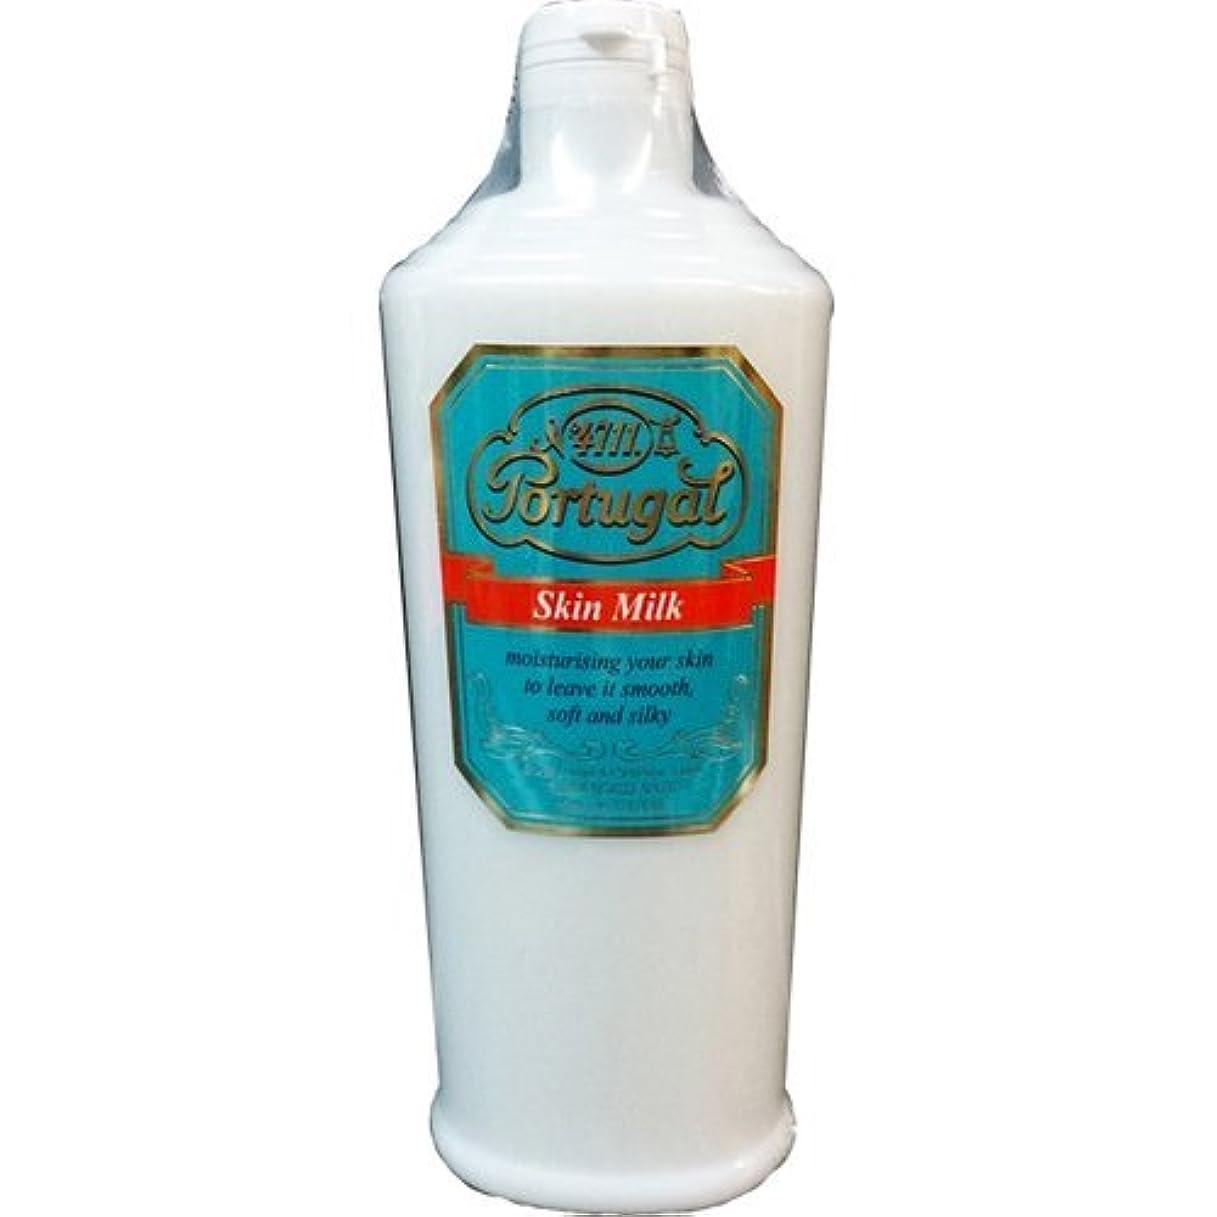 4711 ポーチュガル スキンミルク 500ml